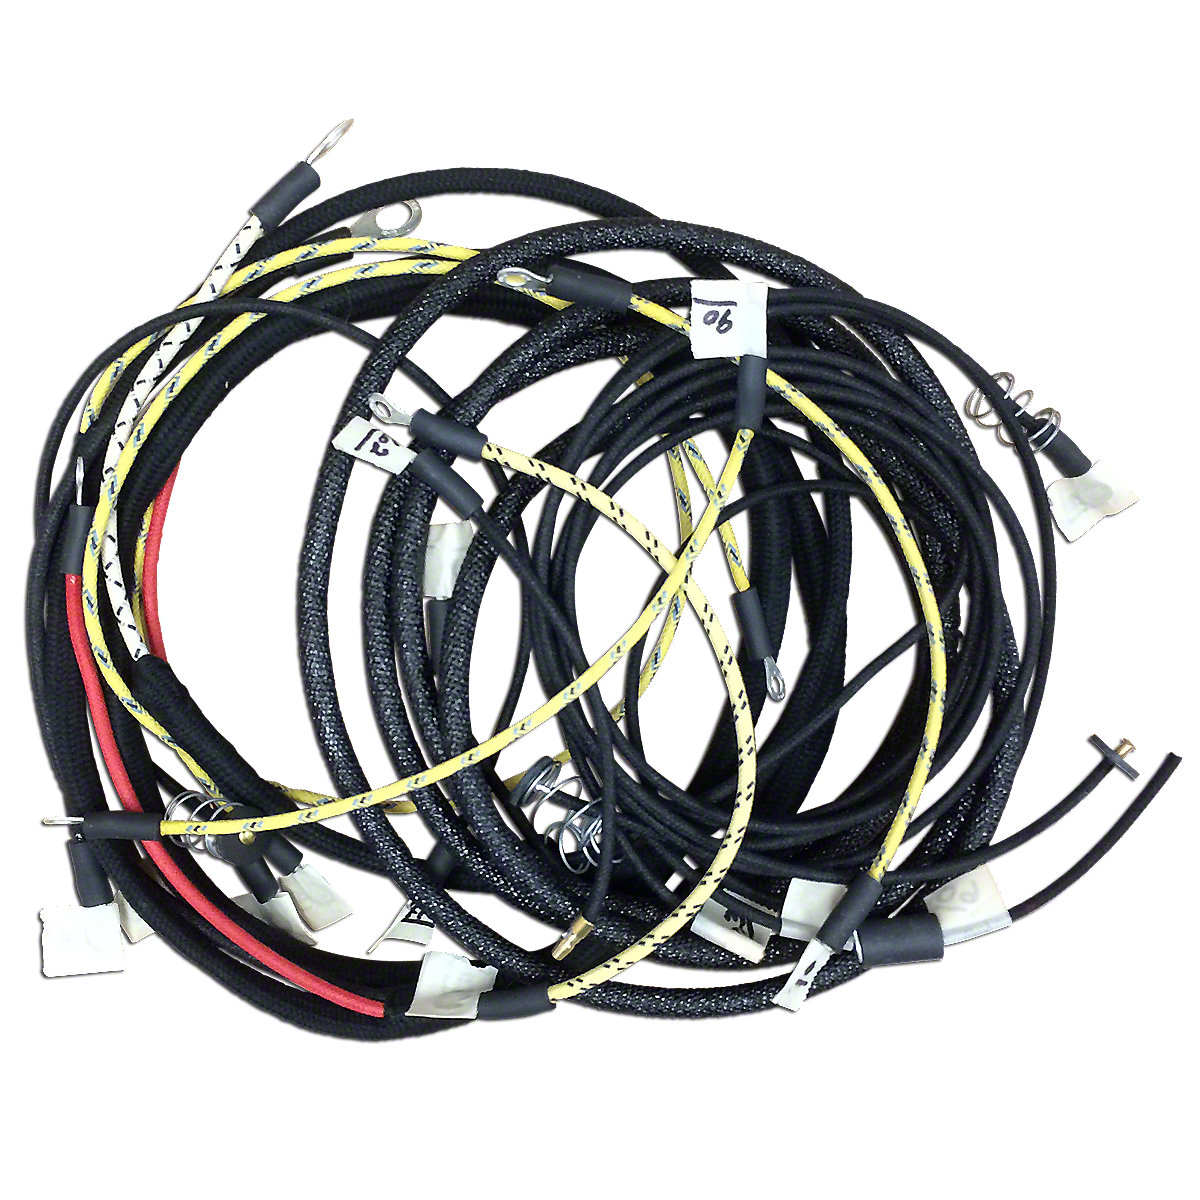 Wiring Harness Kits : Wiring harness kit acs